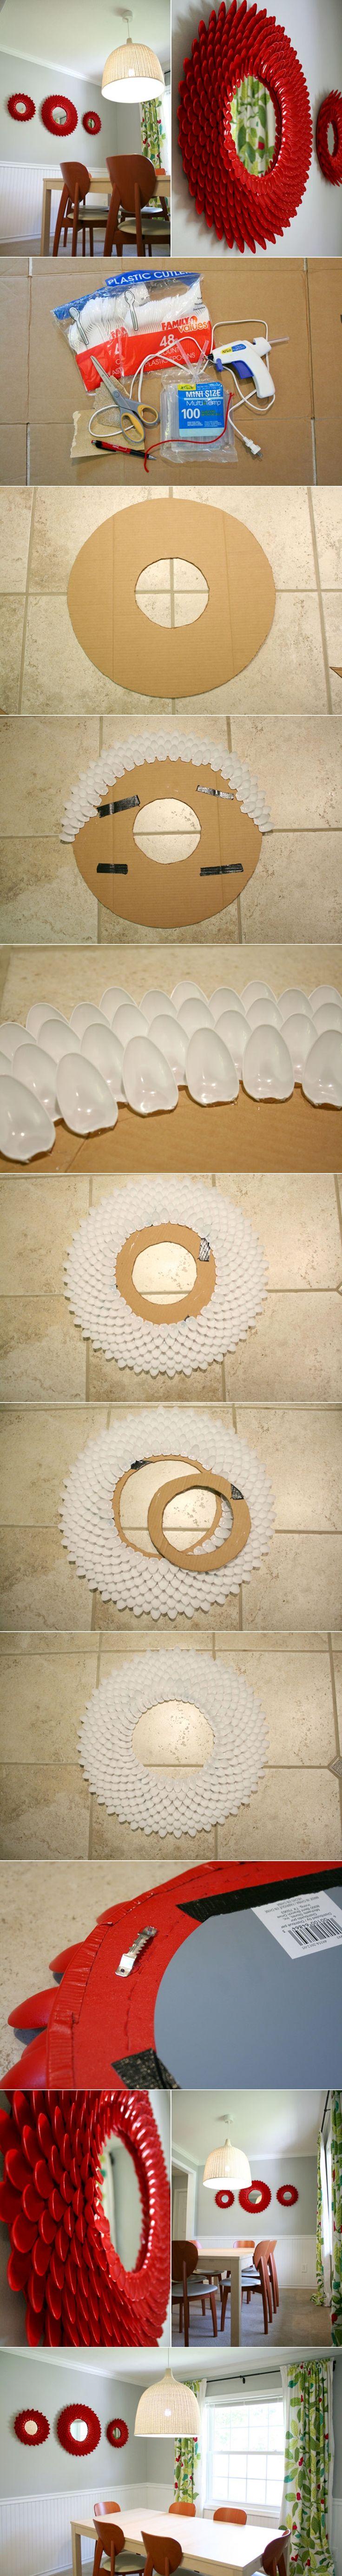 Diy decoracion de espejos con cucharas 6 decoracion de for Decoracion de espejo con cucharas